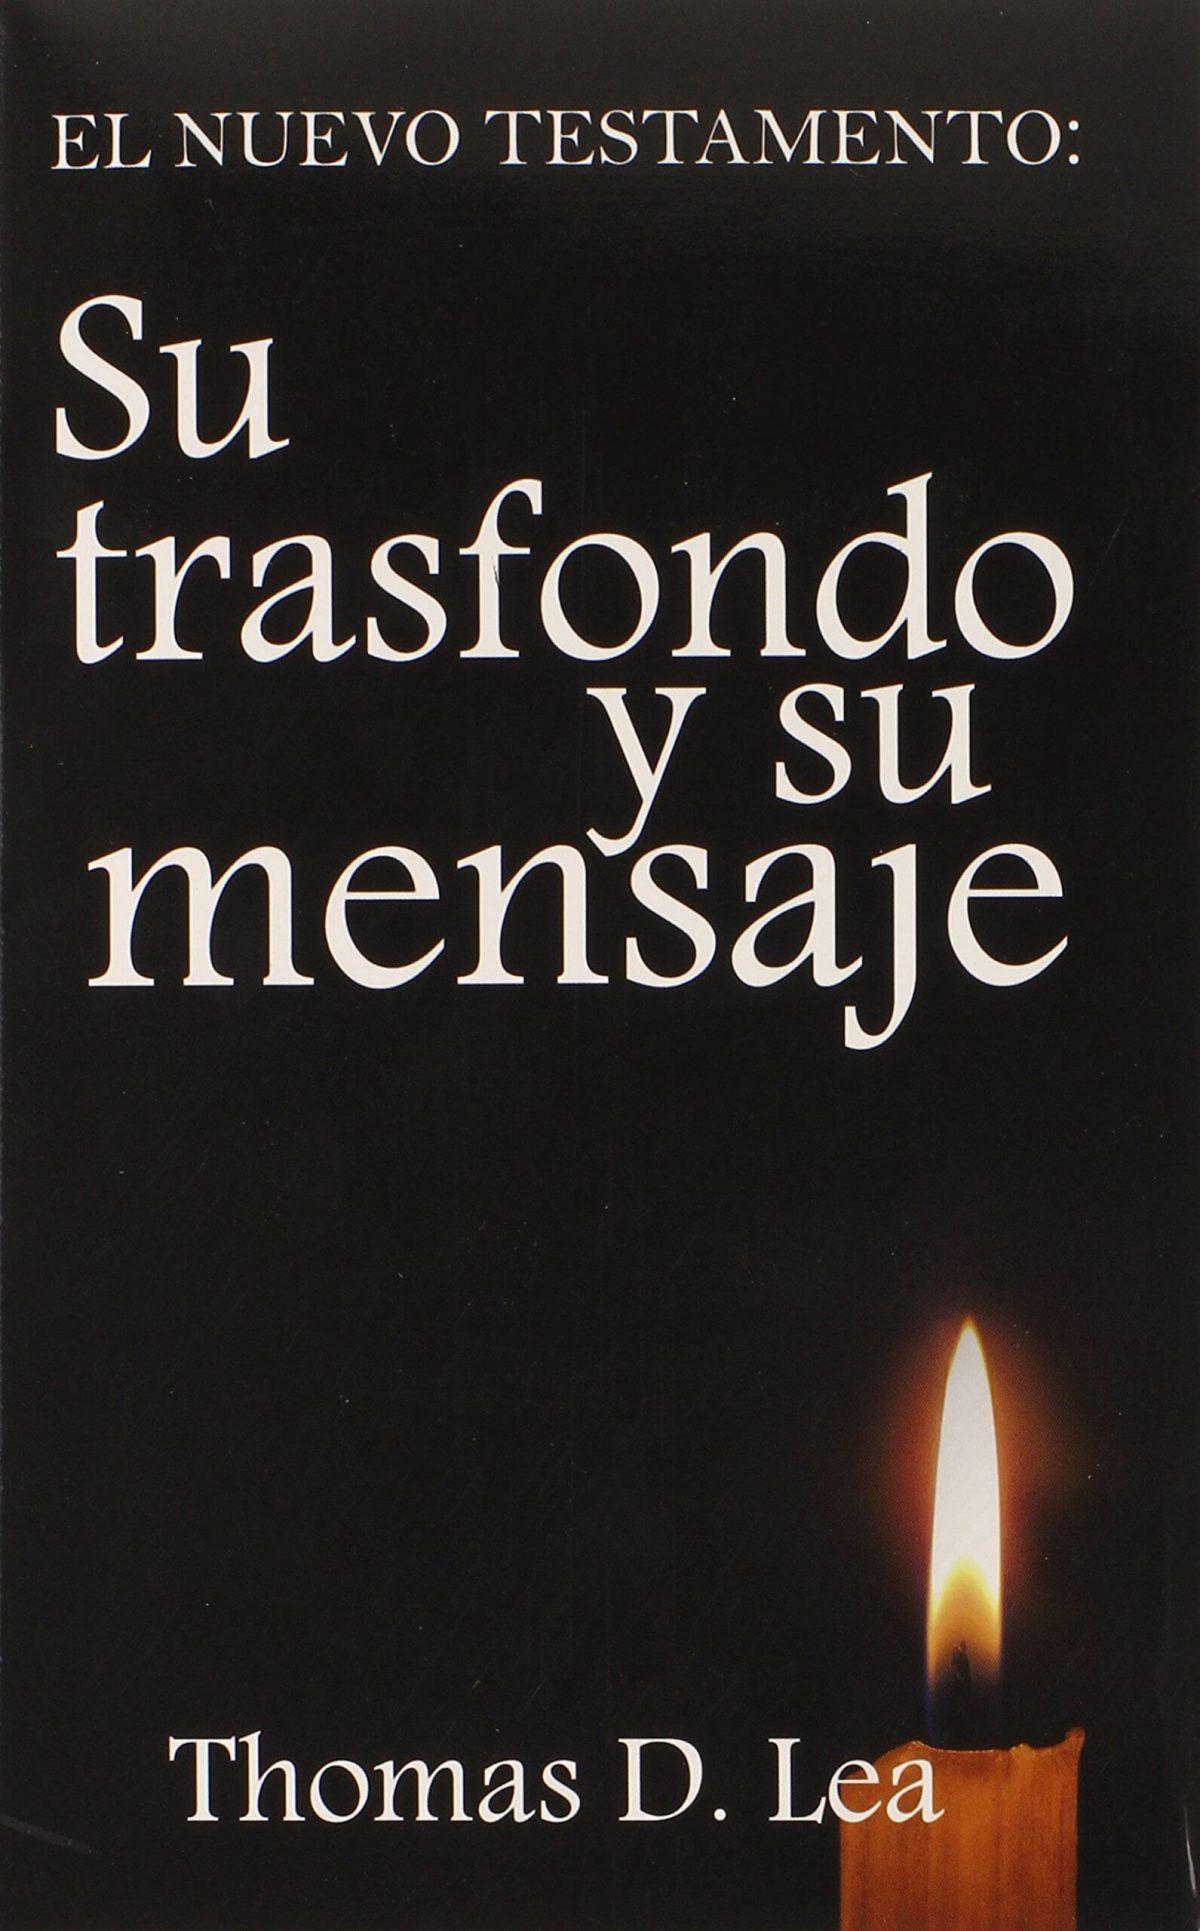 NT SU TRANSFONDO Y SU MENSAJE (FLET)